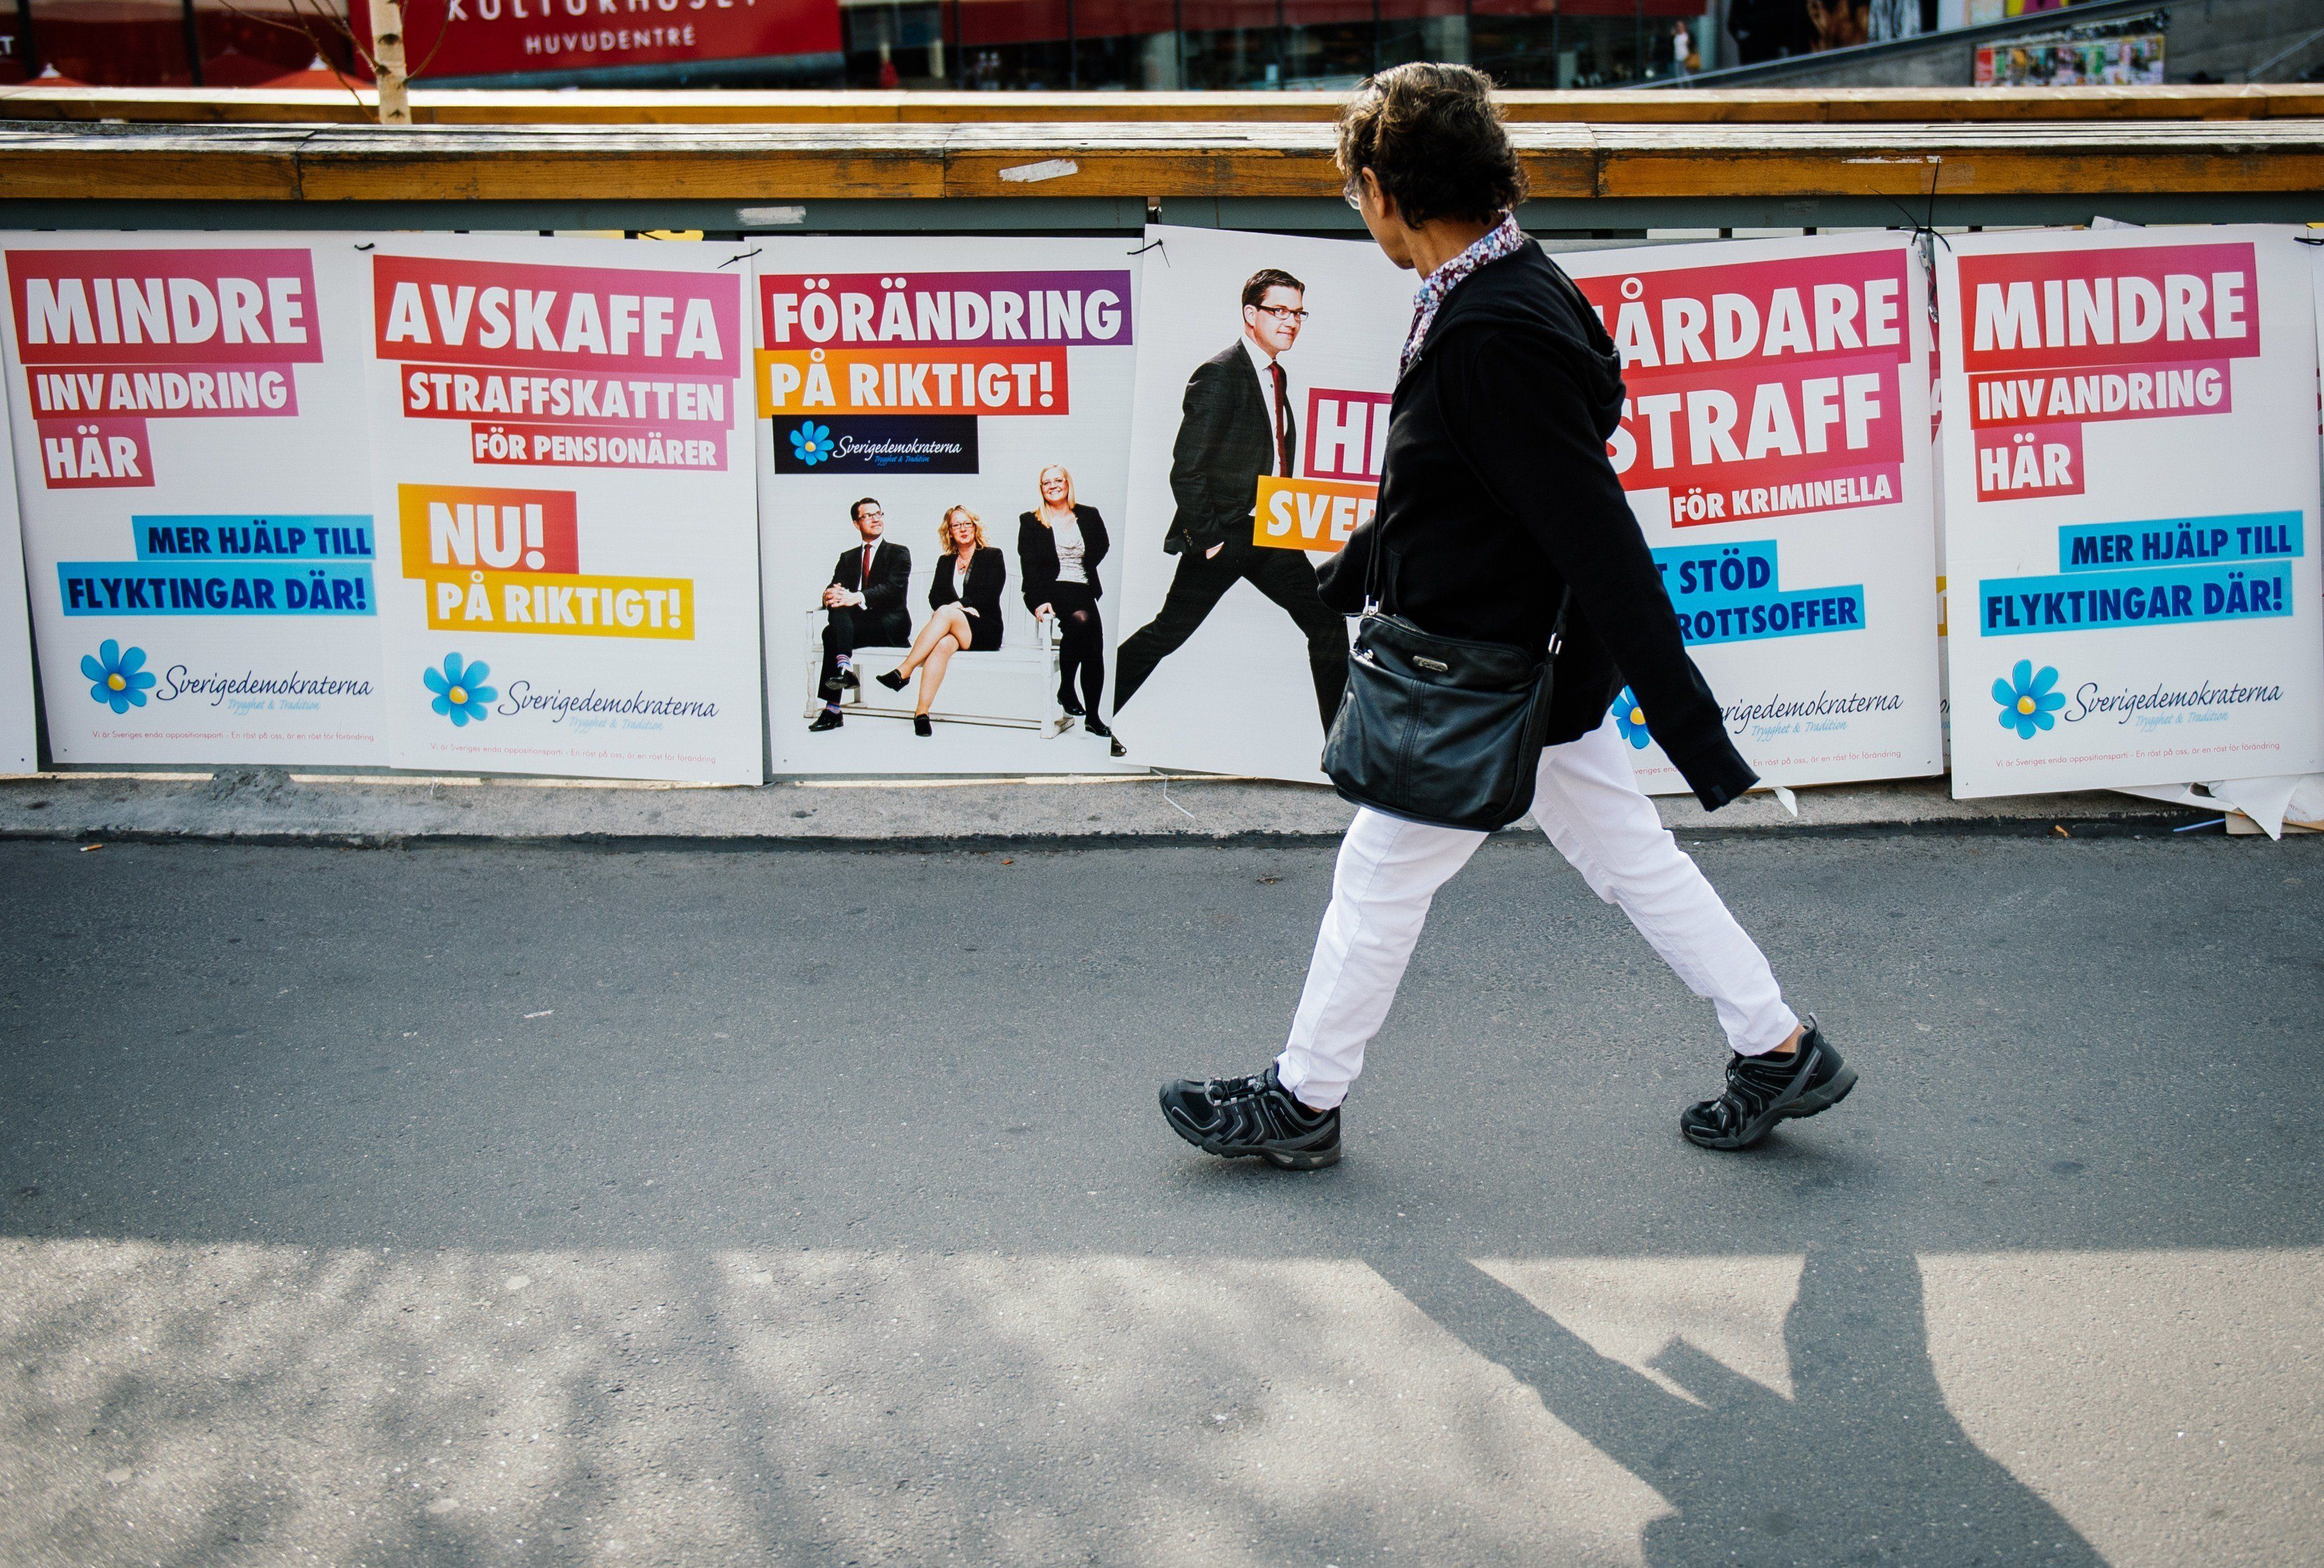 스웨덴 극우정당은 '난민사태' 훨씬 전부터 급부상하고